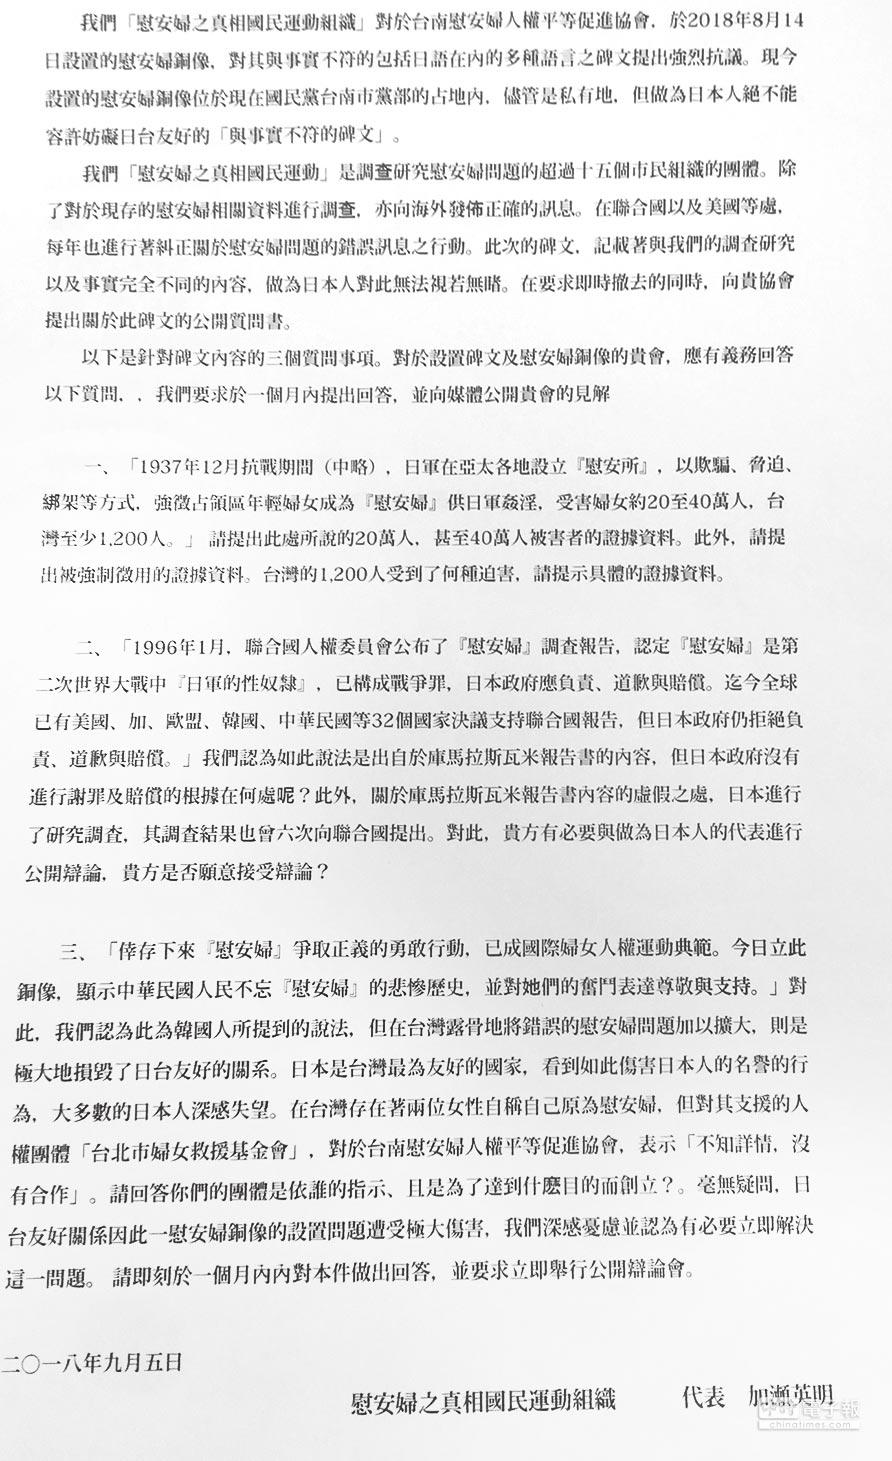 國民黨台南市黨部公開日本慰安婦之真相國民運動組織的質問書。(程炳璋翻攝)